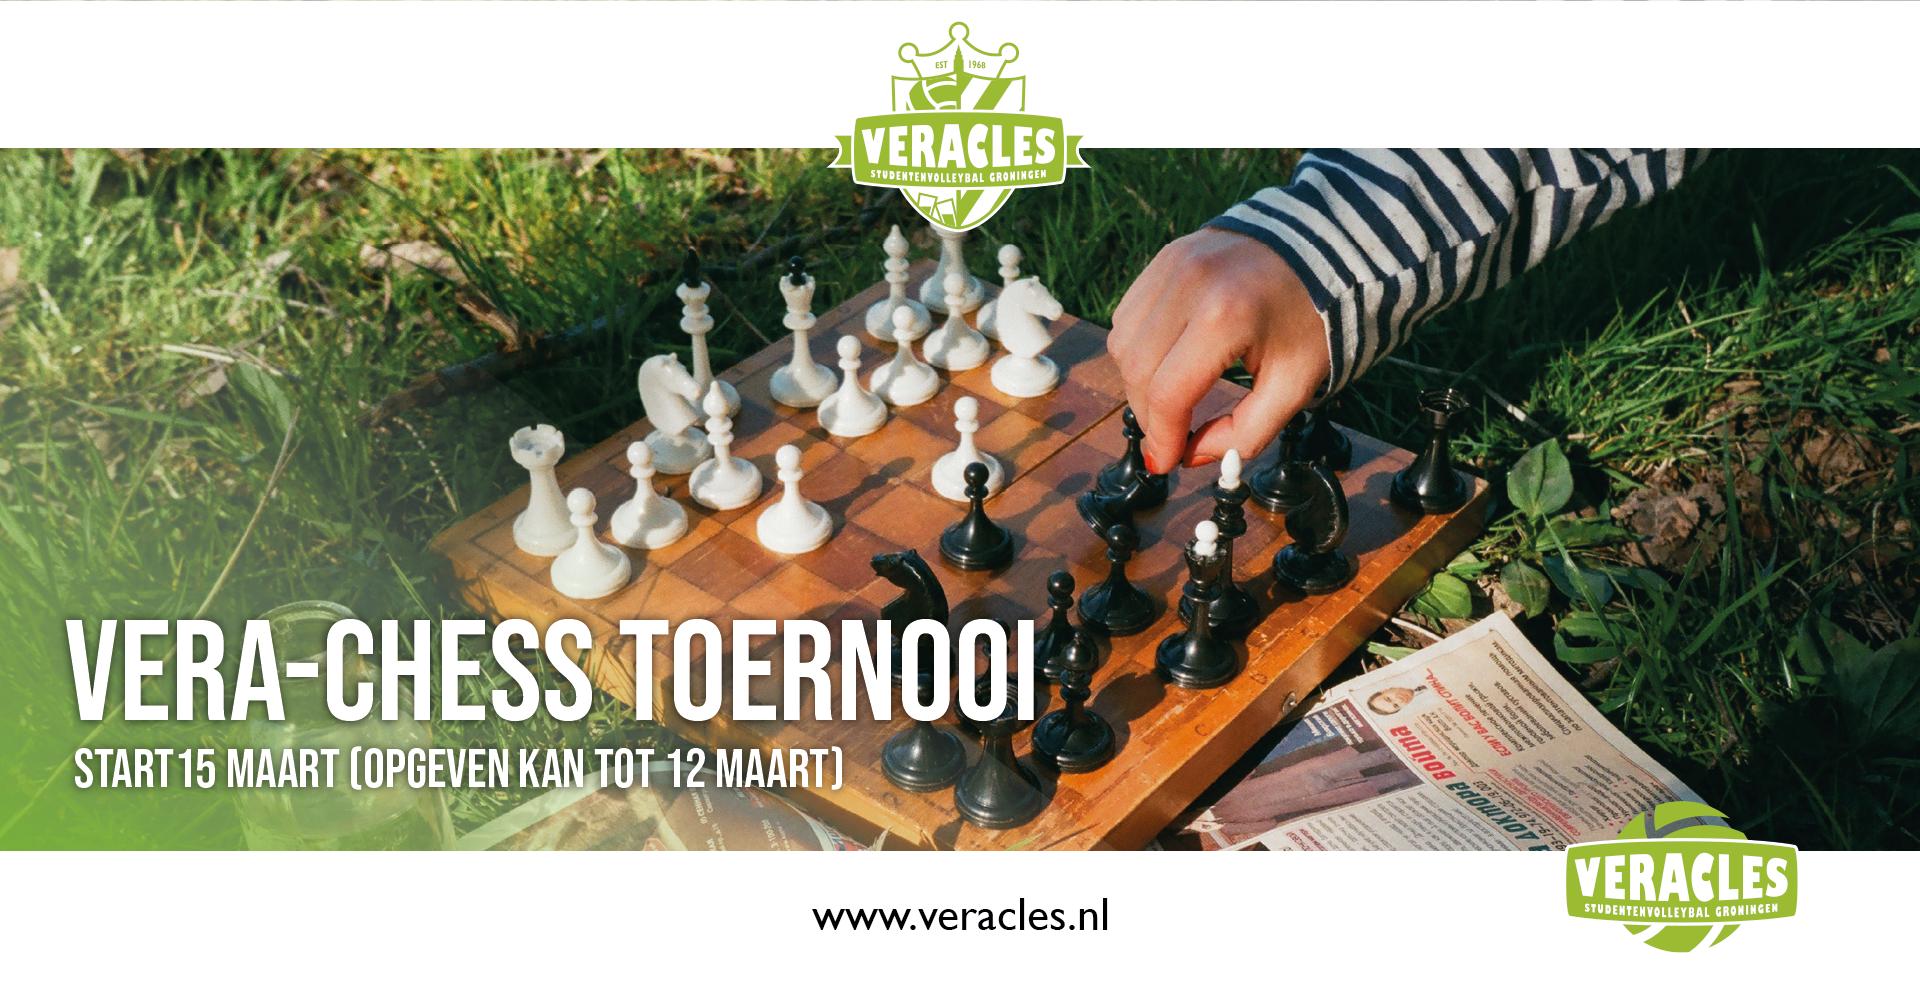 Vera-Chess toernooi